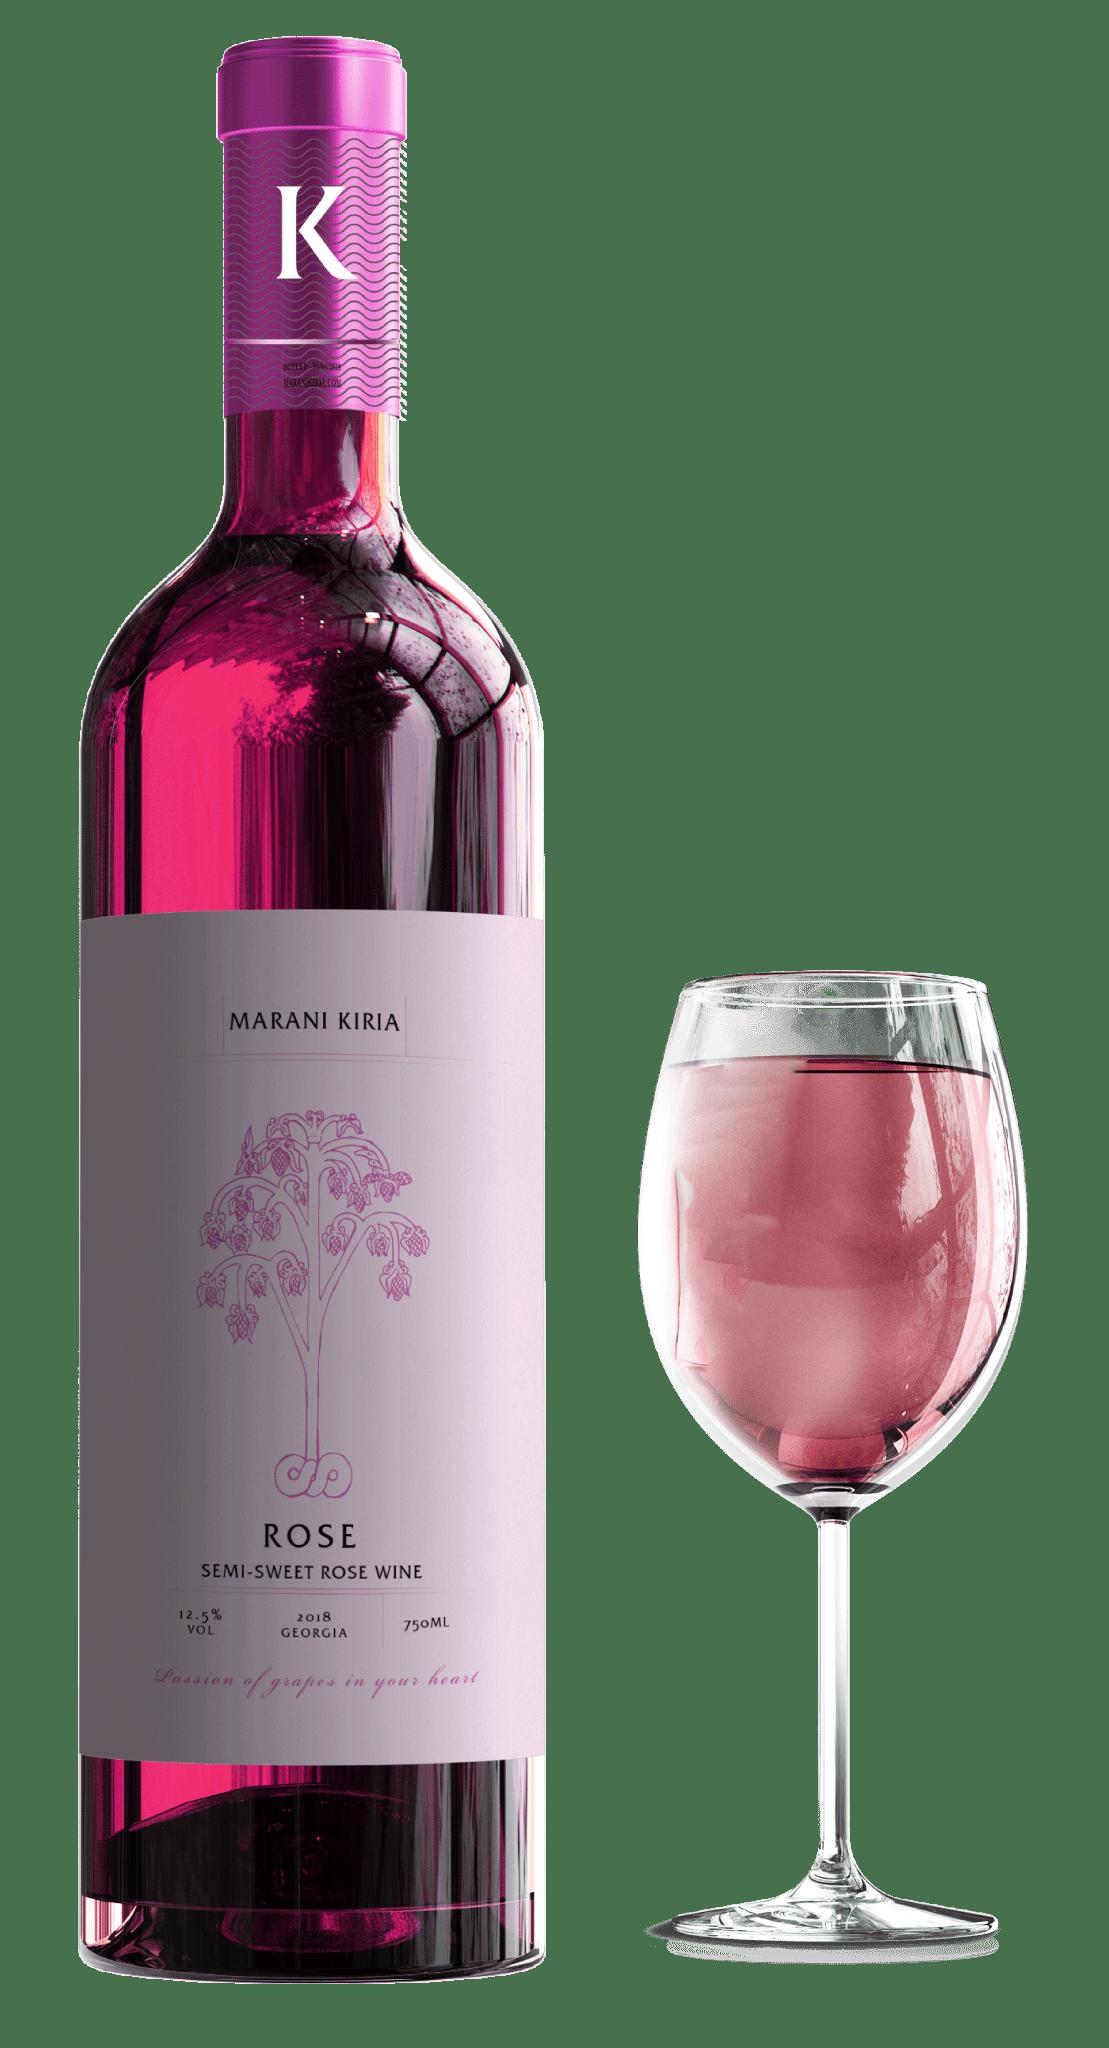 ROSE WINE - Marani Kiria